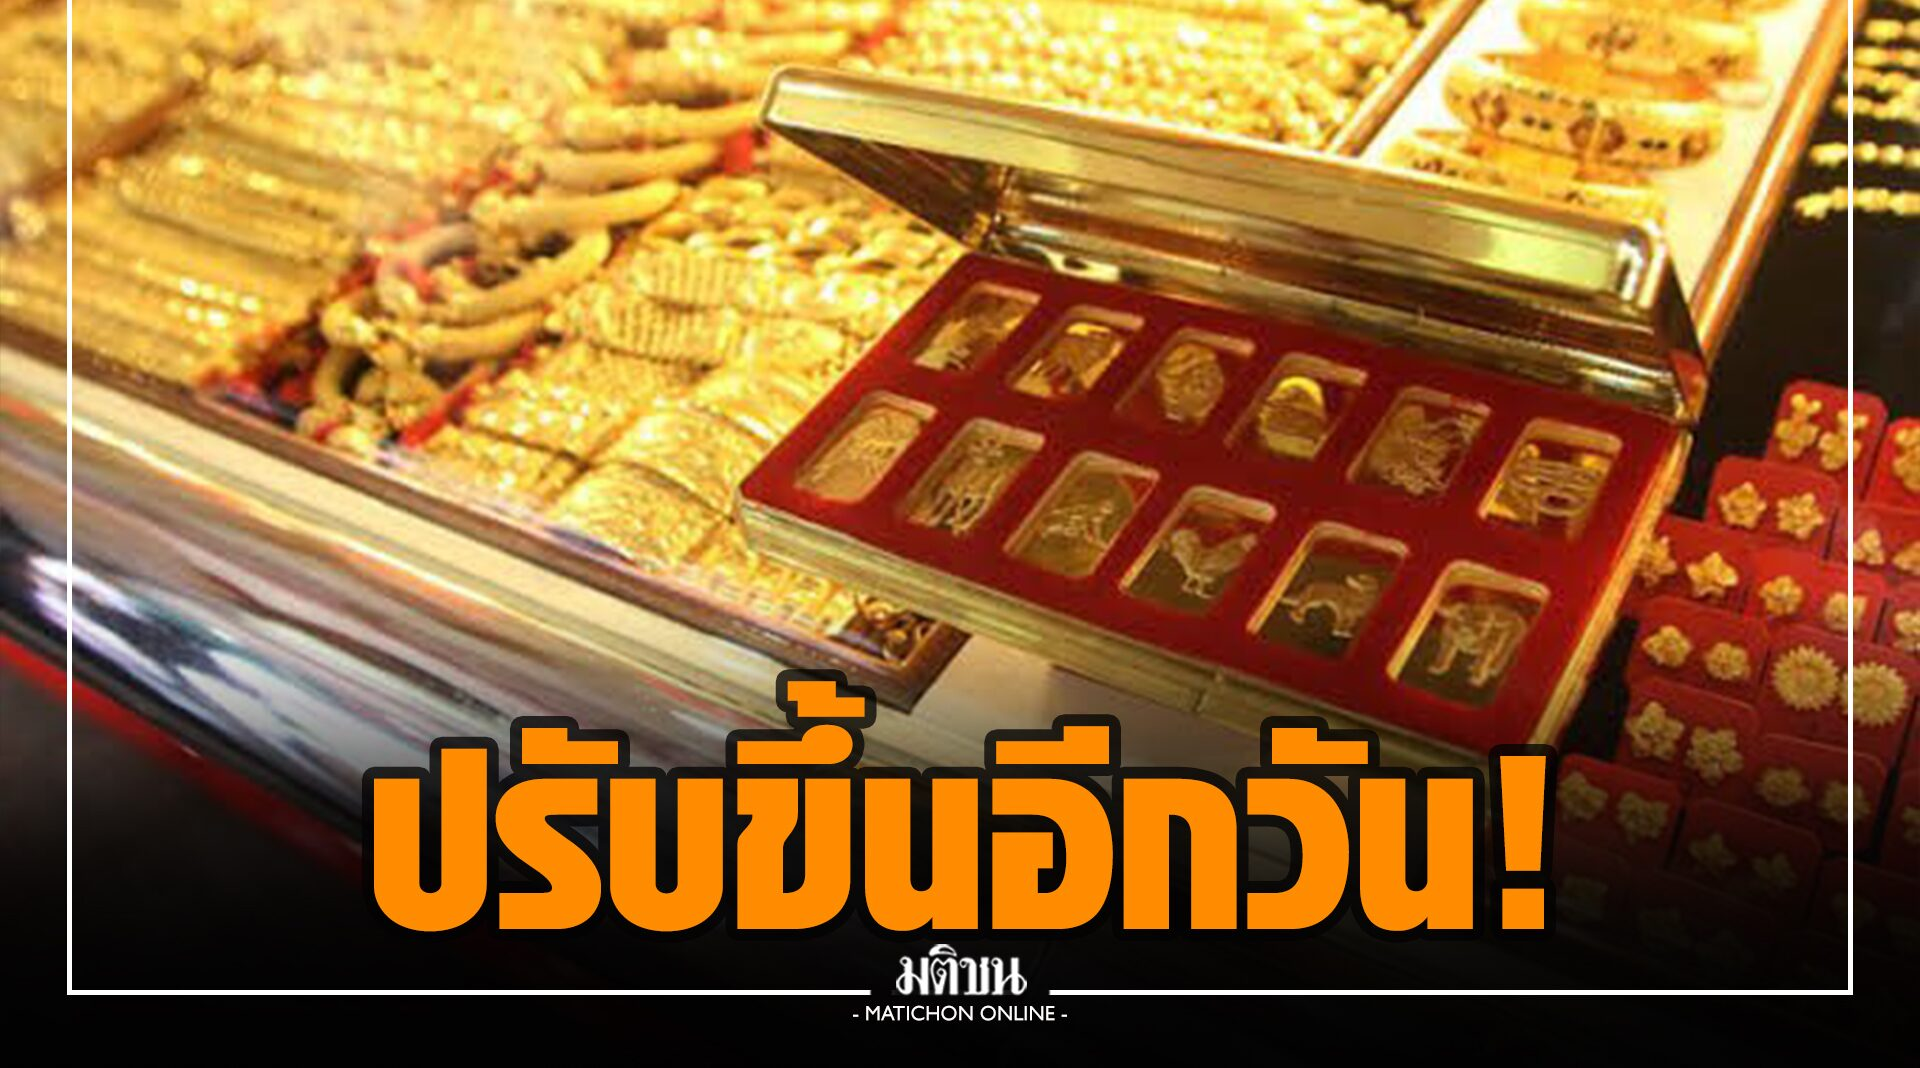 เปิดตลาด 'ทองคำ' ปรับขึ้นอีกวัน รูปพรรณบาทละ 25,750 บาท